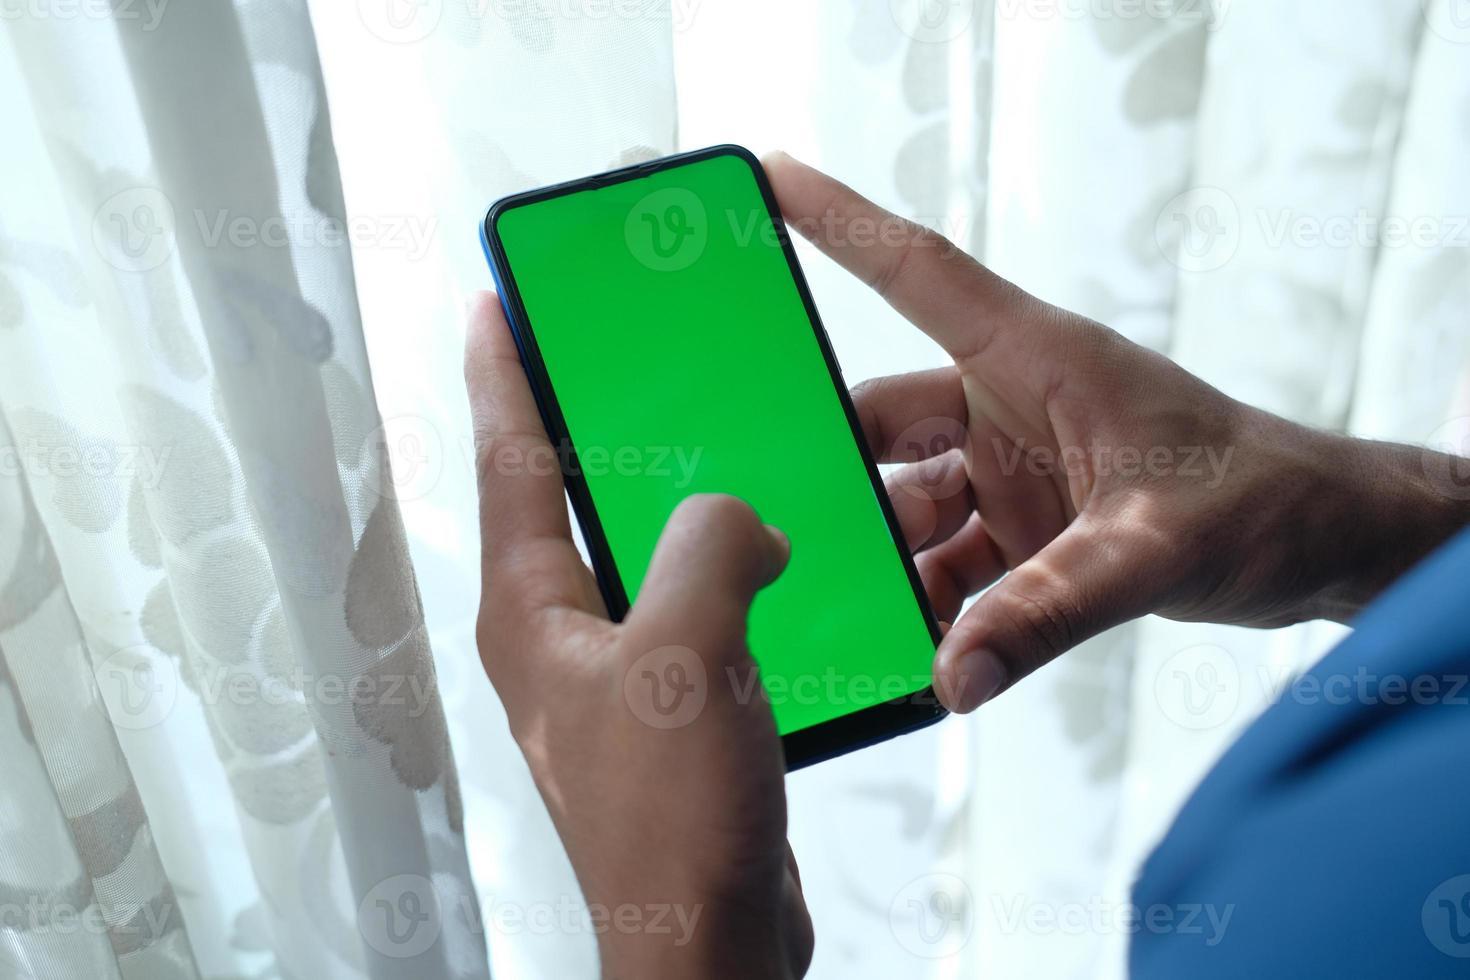 Mann mit Smartphone mit grünem Bildschirm im Inneren foto